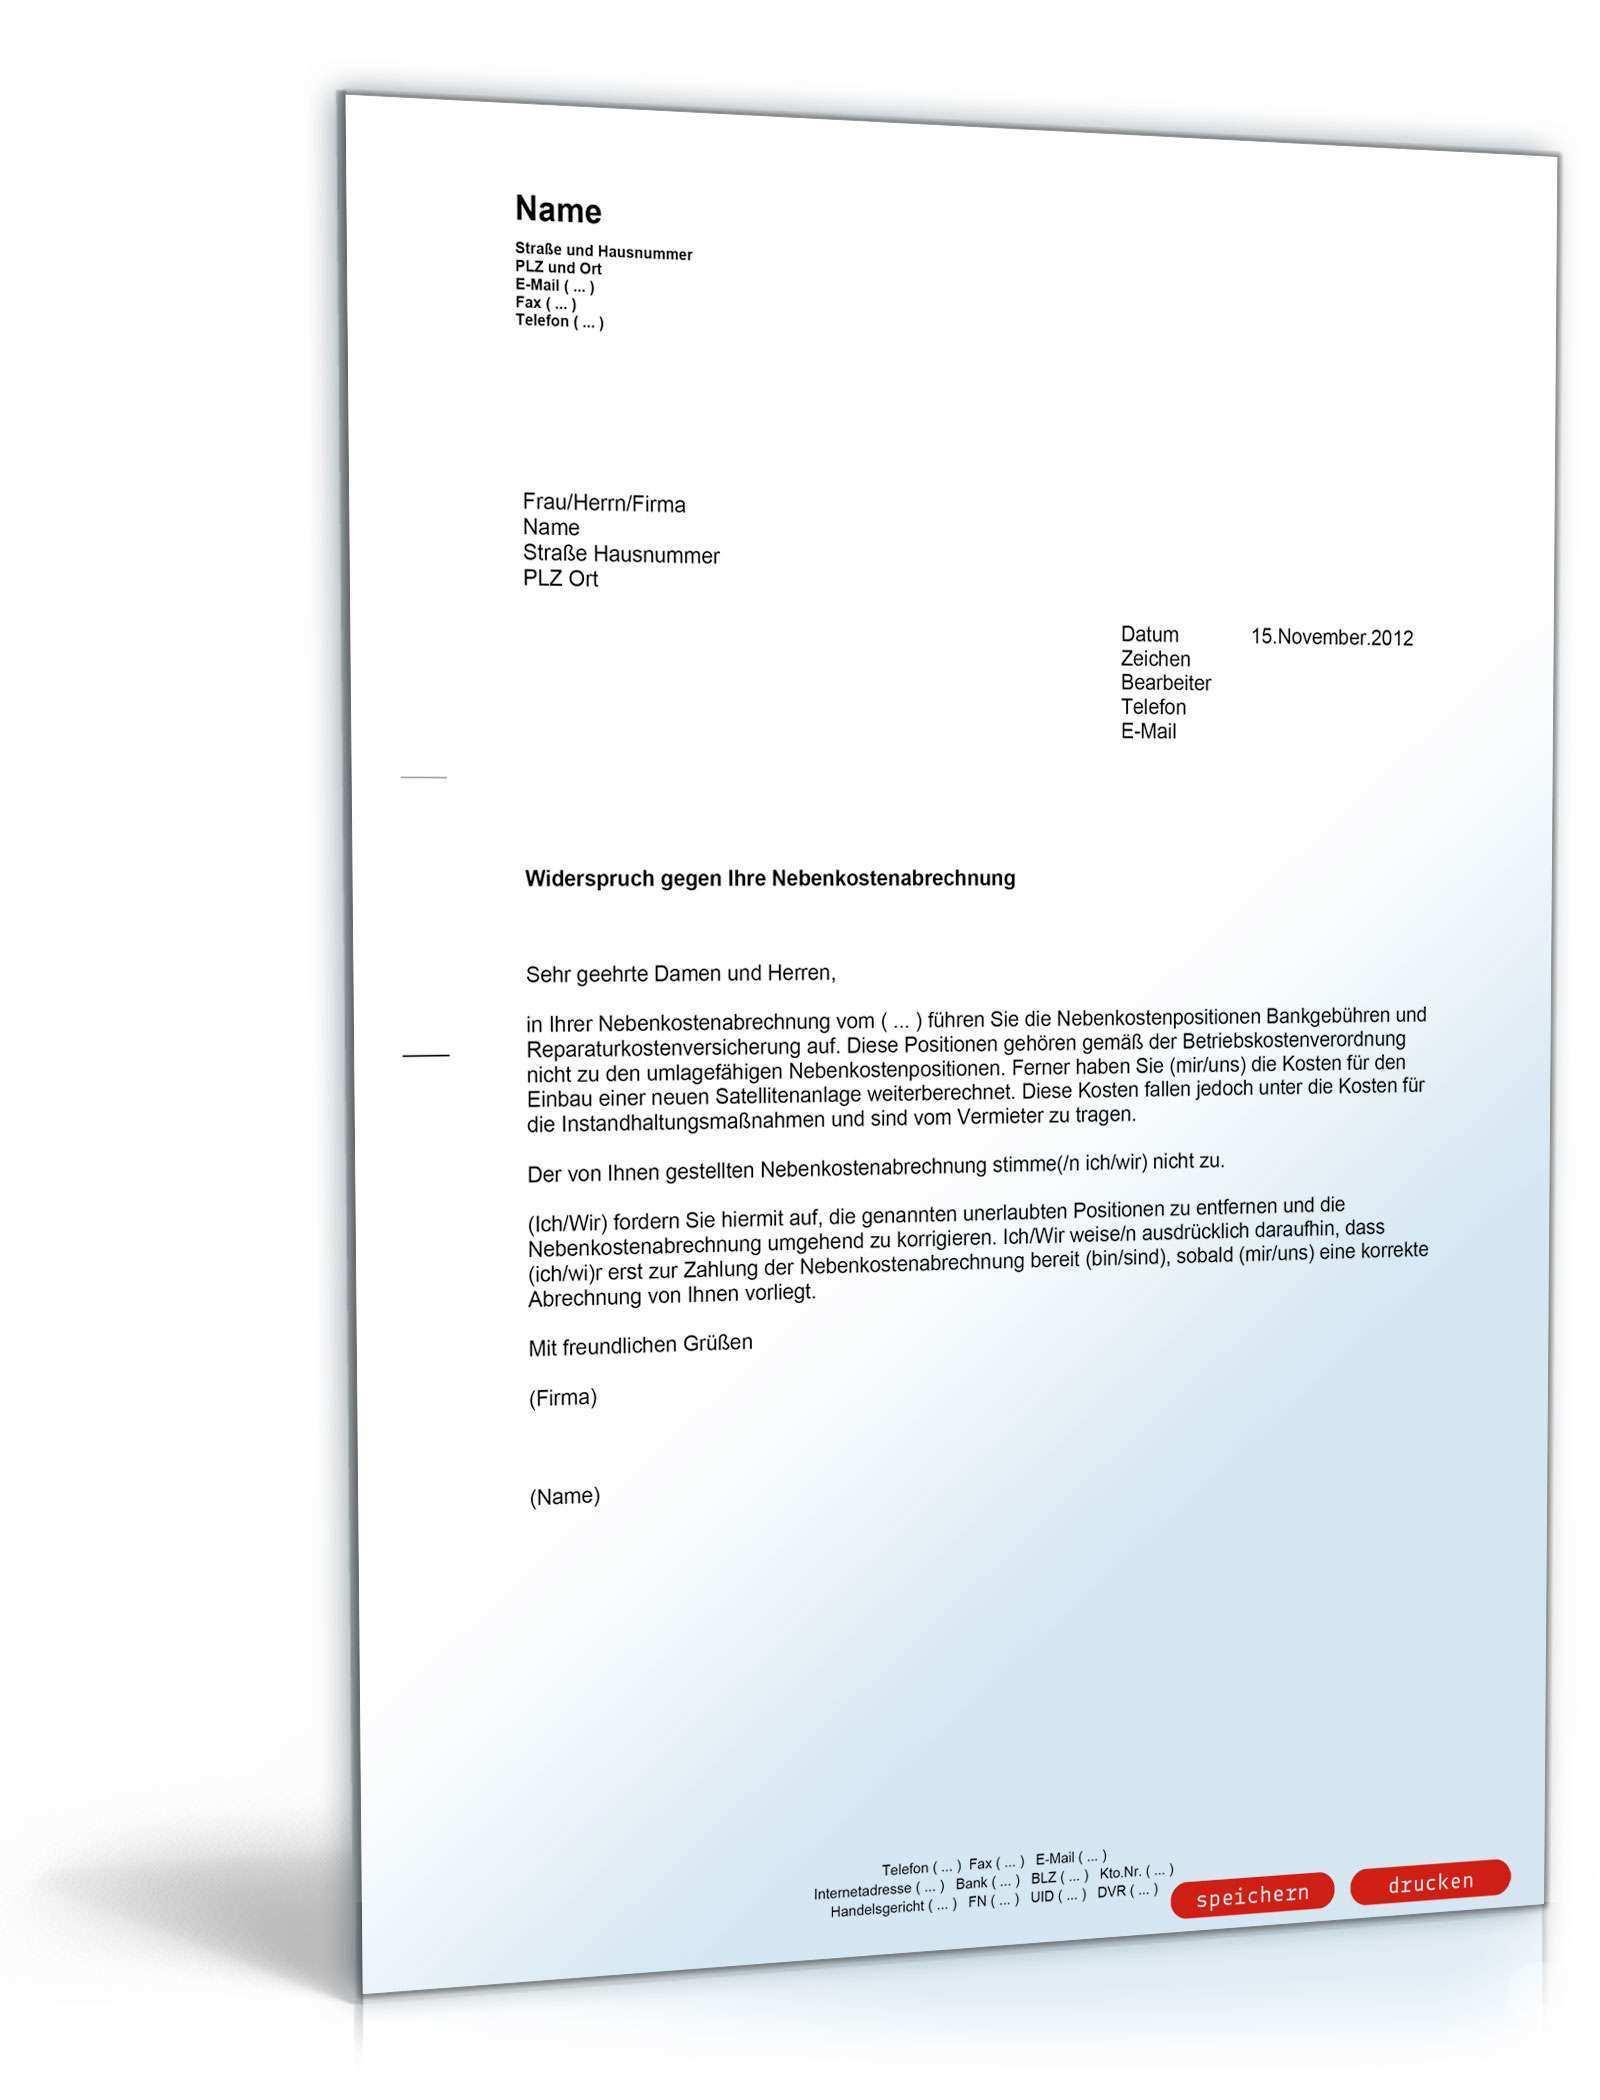 Widerspruch Nebenkostenabrechnung Musterbrief Zum Download